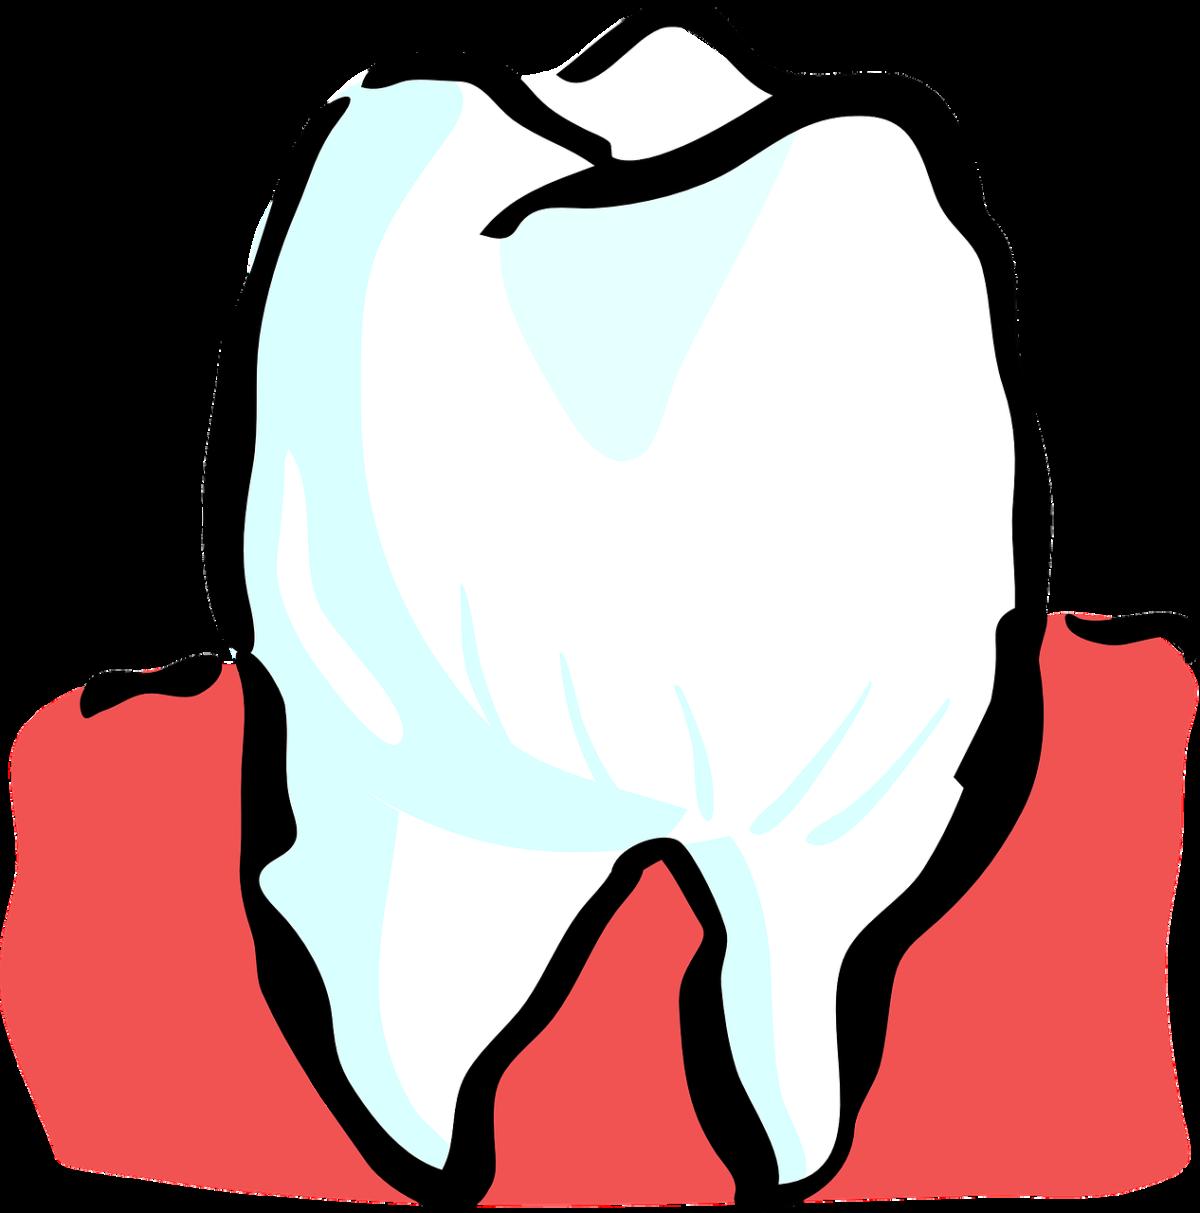 Piękne zdrowe zęby również wspaniały przepiękny uśmieszek to powód do płenego uśmiechu.